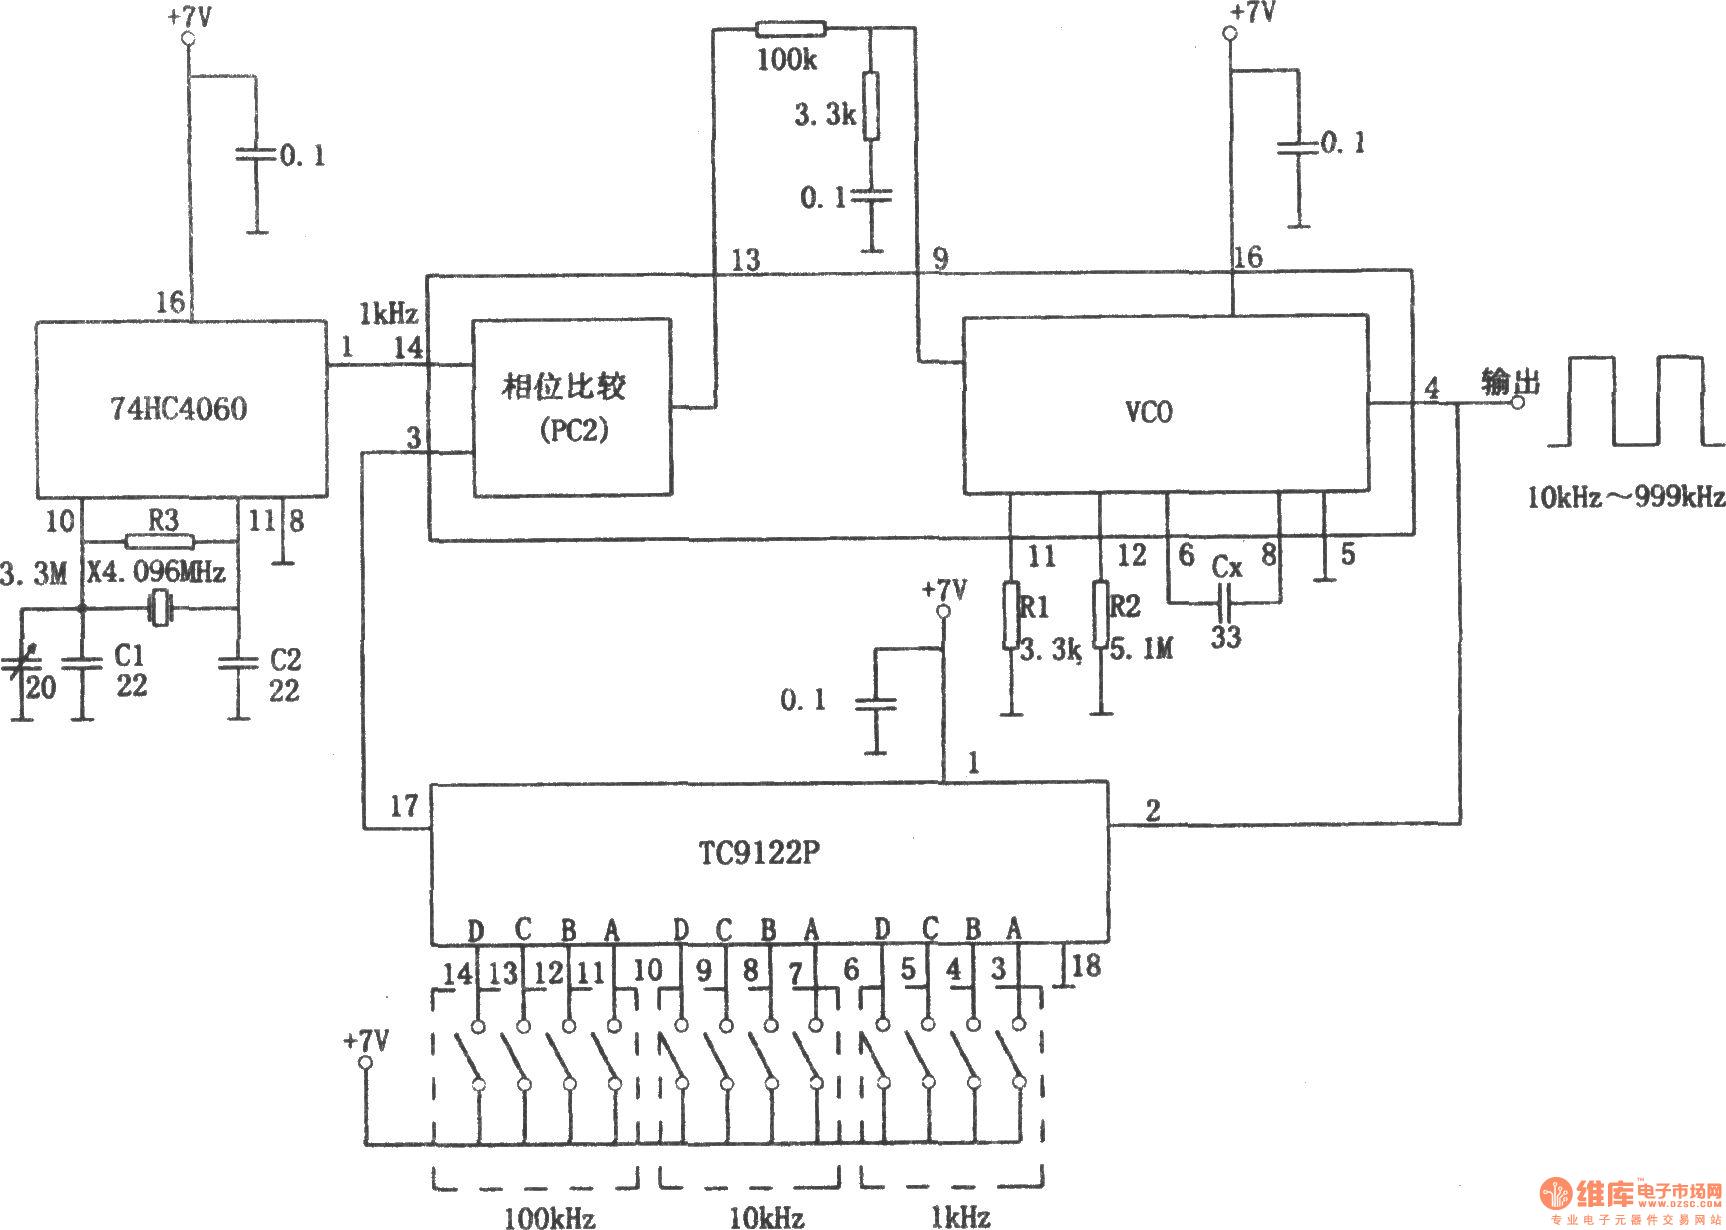 pll pulse generator 74hc4060 u3001tc9122p  - pulse signal generator - signal processing